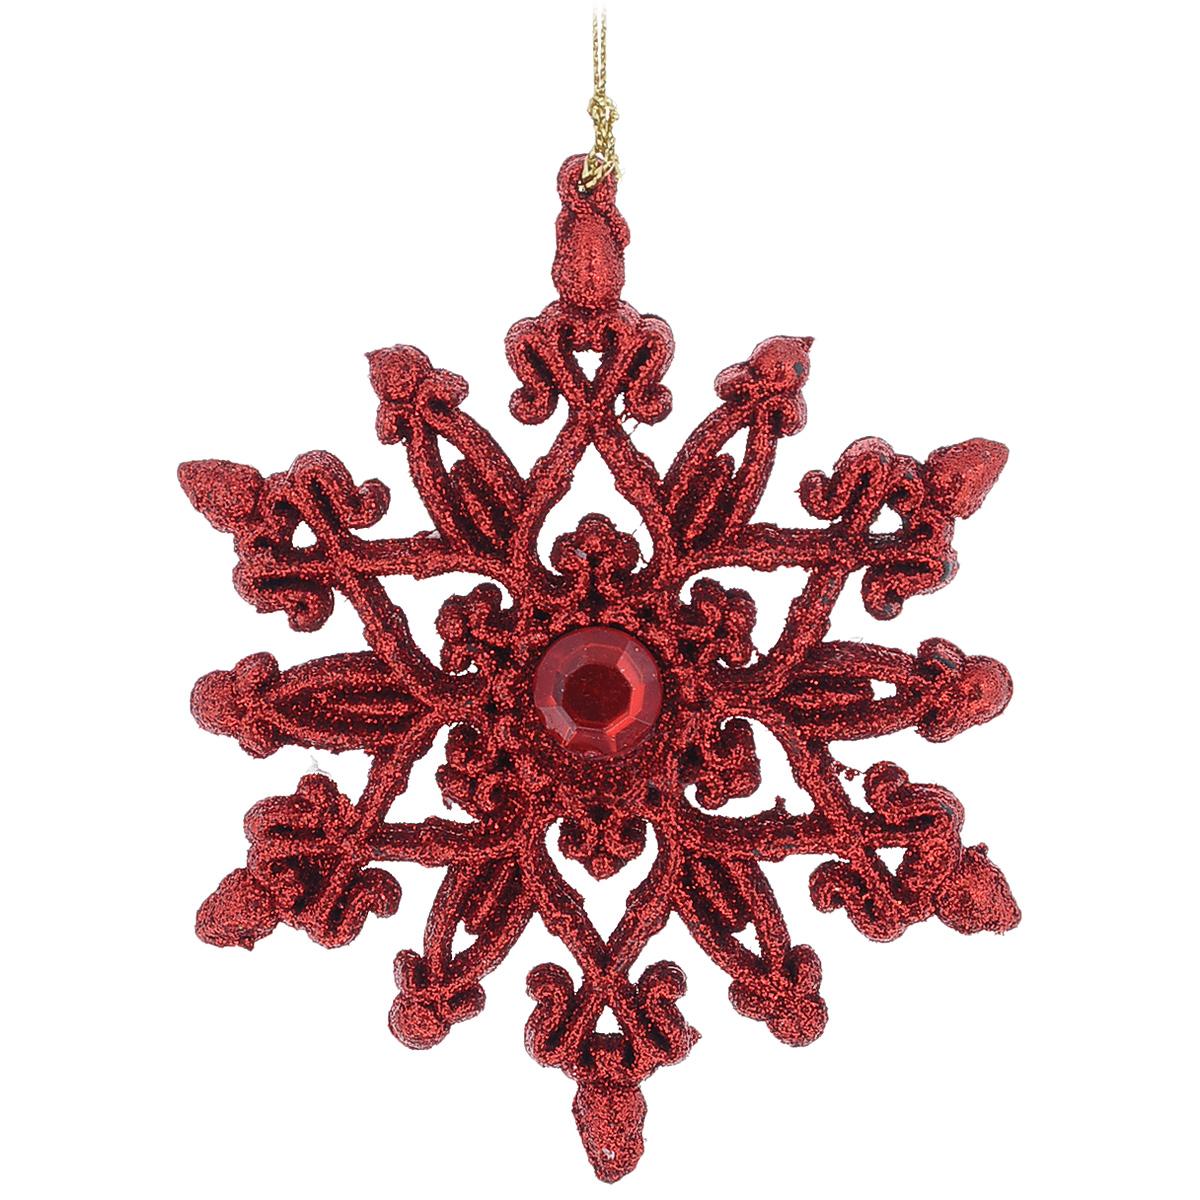 Новогоднее подвесное украшение Снежинка, цвет: красный, 10 см х 11 см34984Оригинальное новогоднее украшение из пластика прекрасно подойдет для праздничного декора дома и новогодней ели. Изделие крепится на елку с помощью металлического зажима.